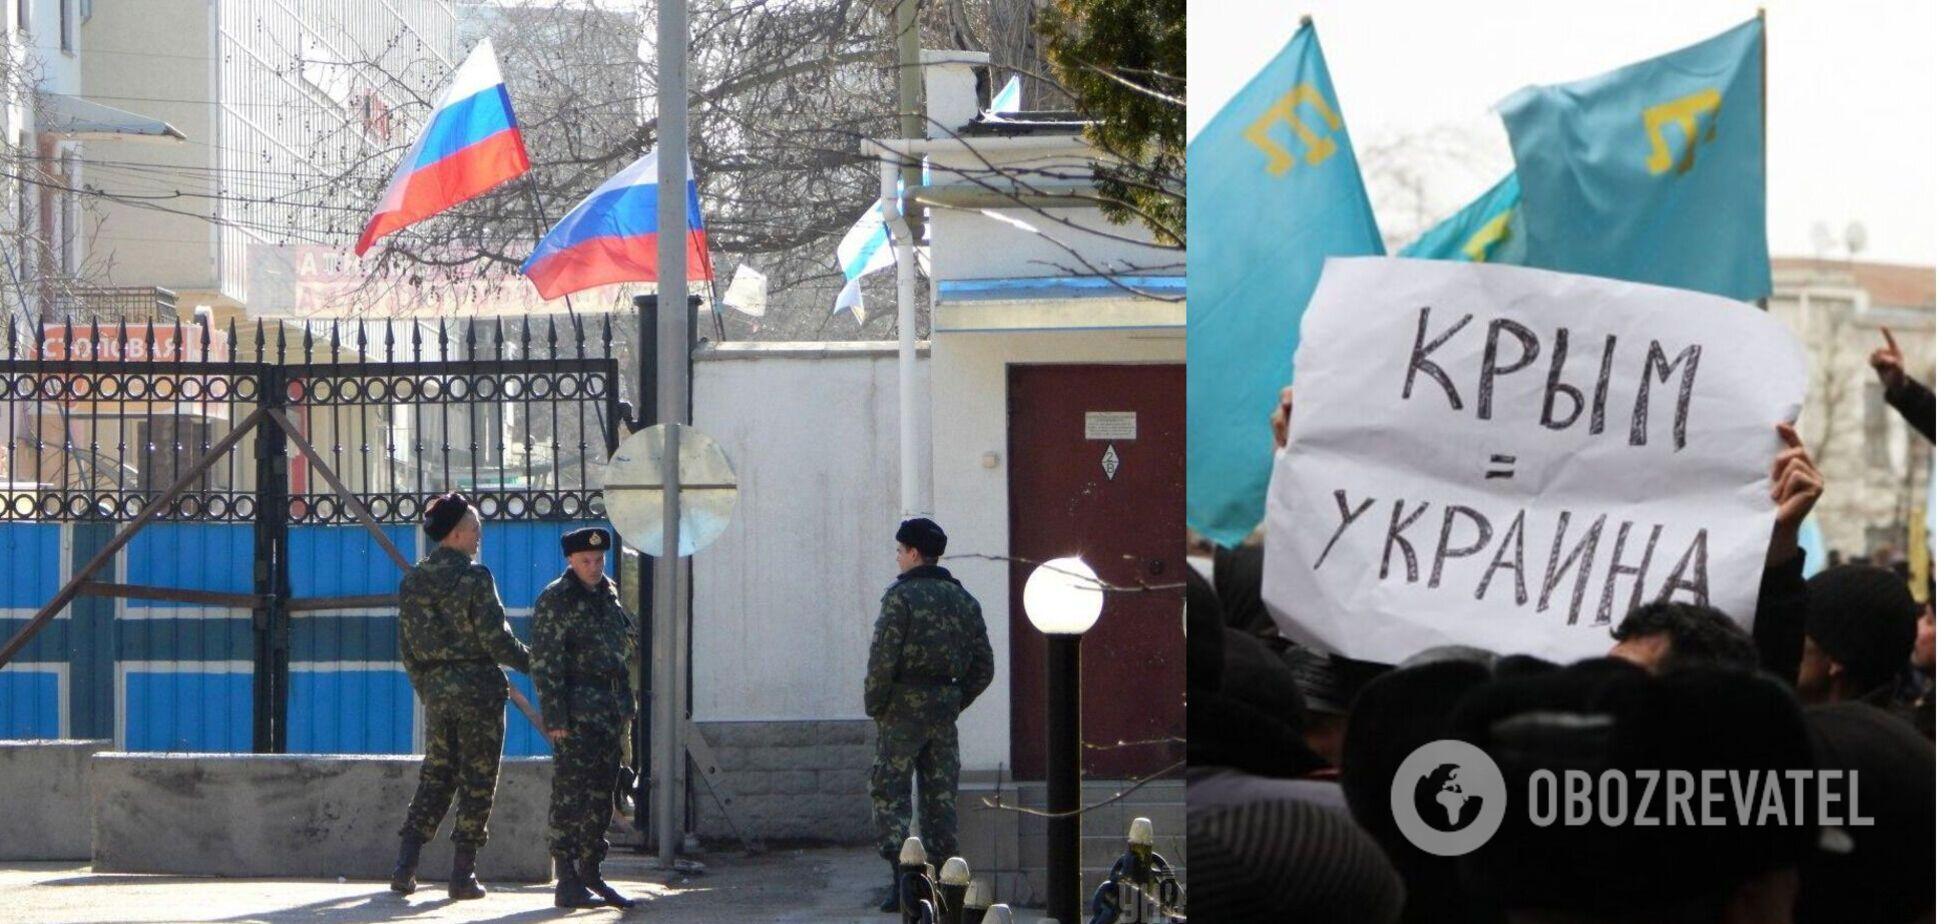 Крим зник із порядку денного в РФ, про проблеми півострова мовчать, – російський адвокат